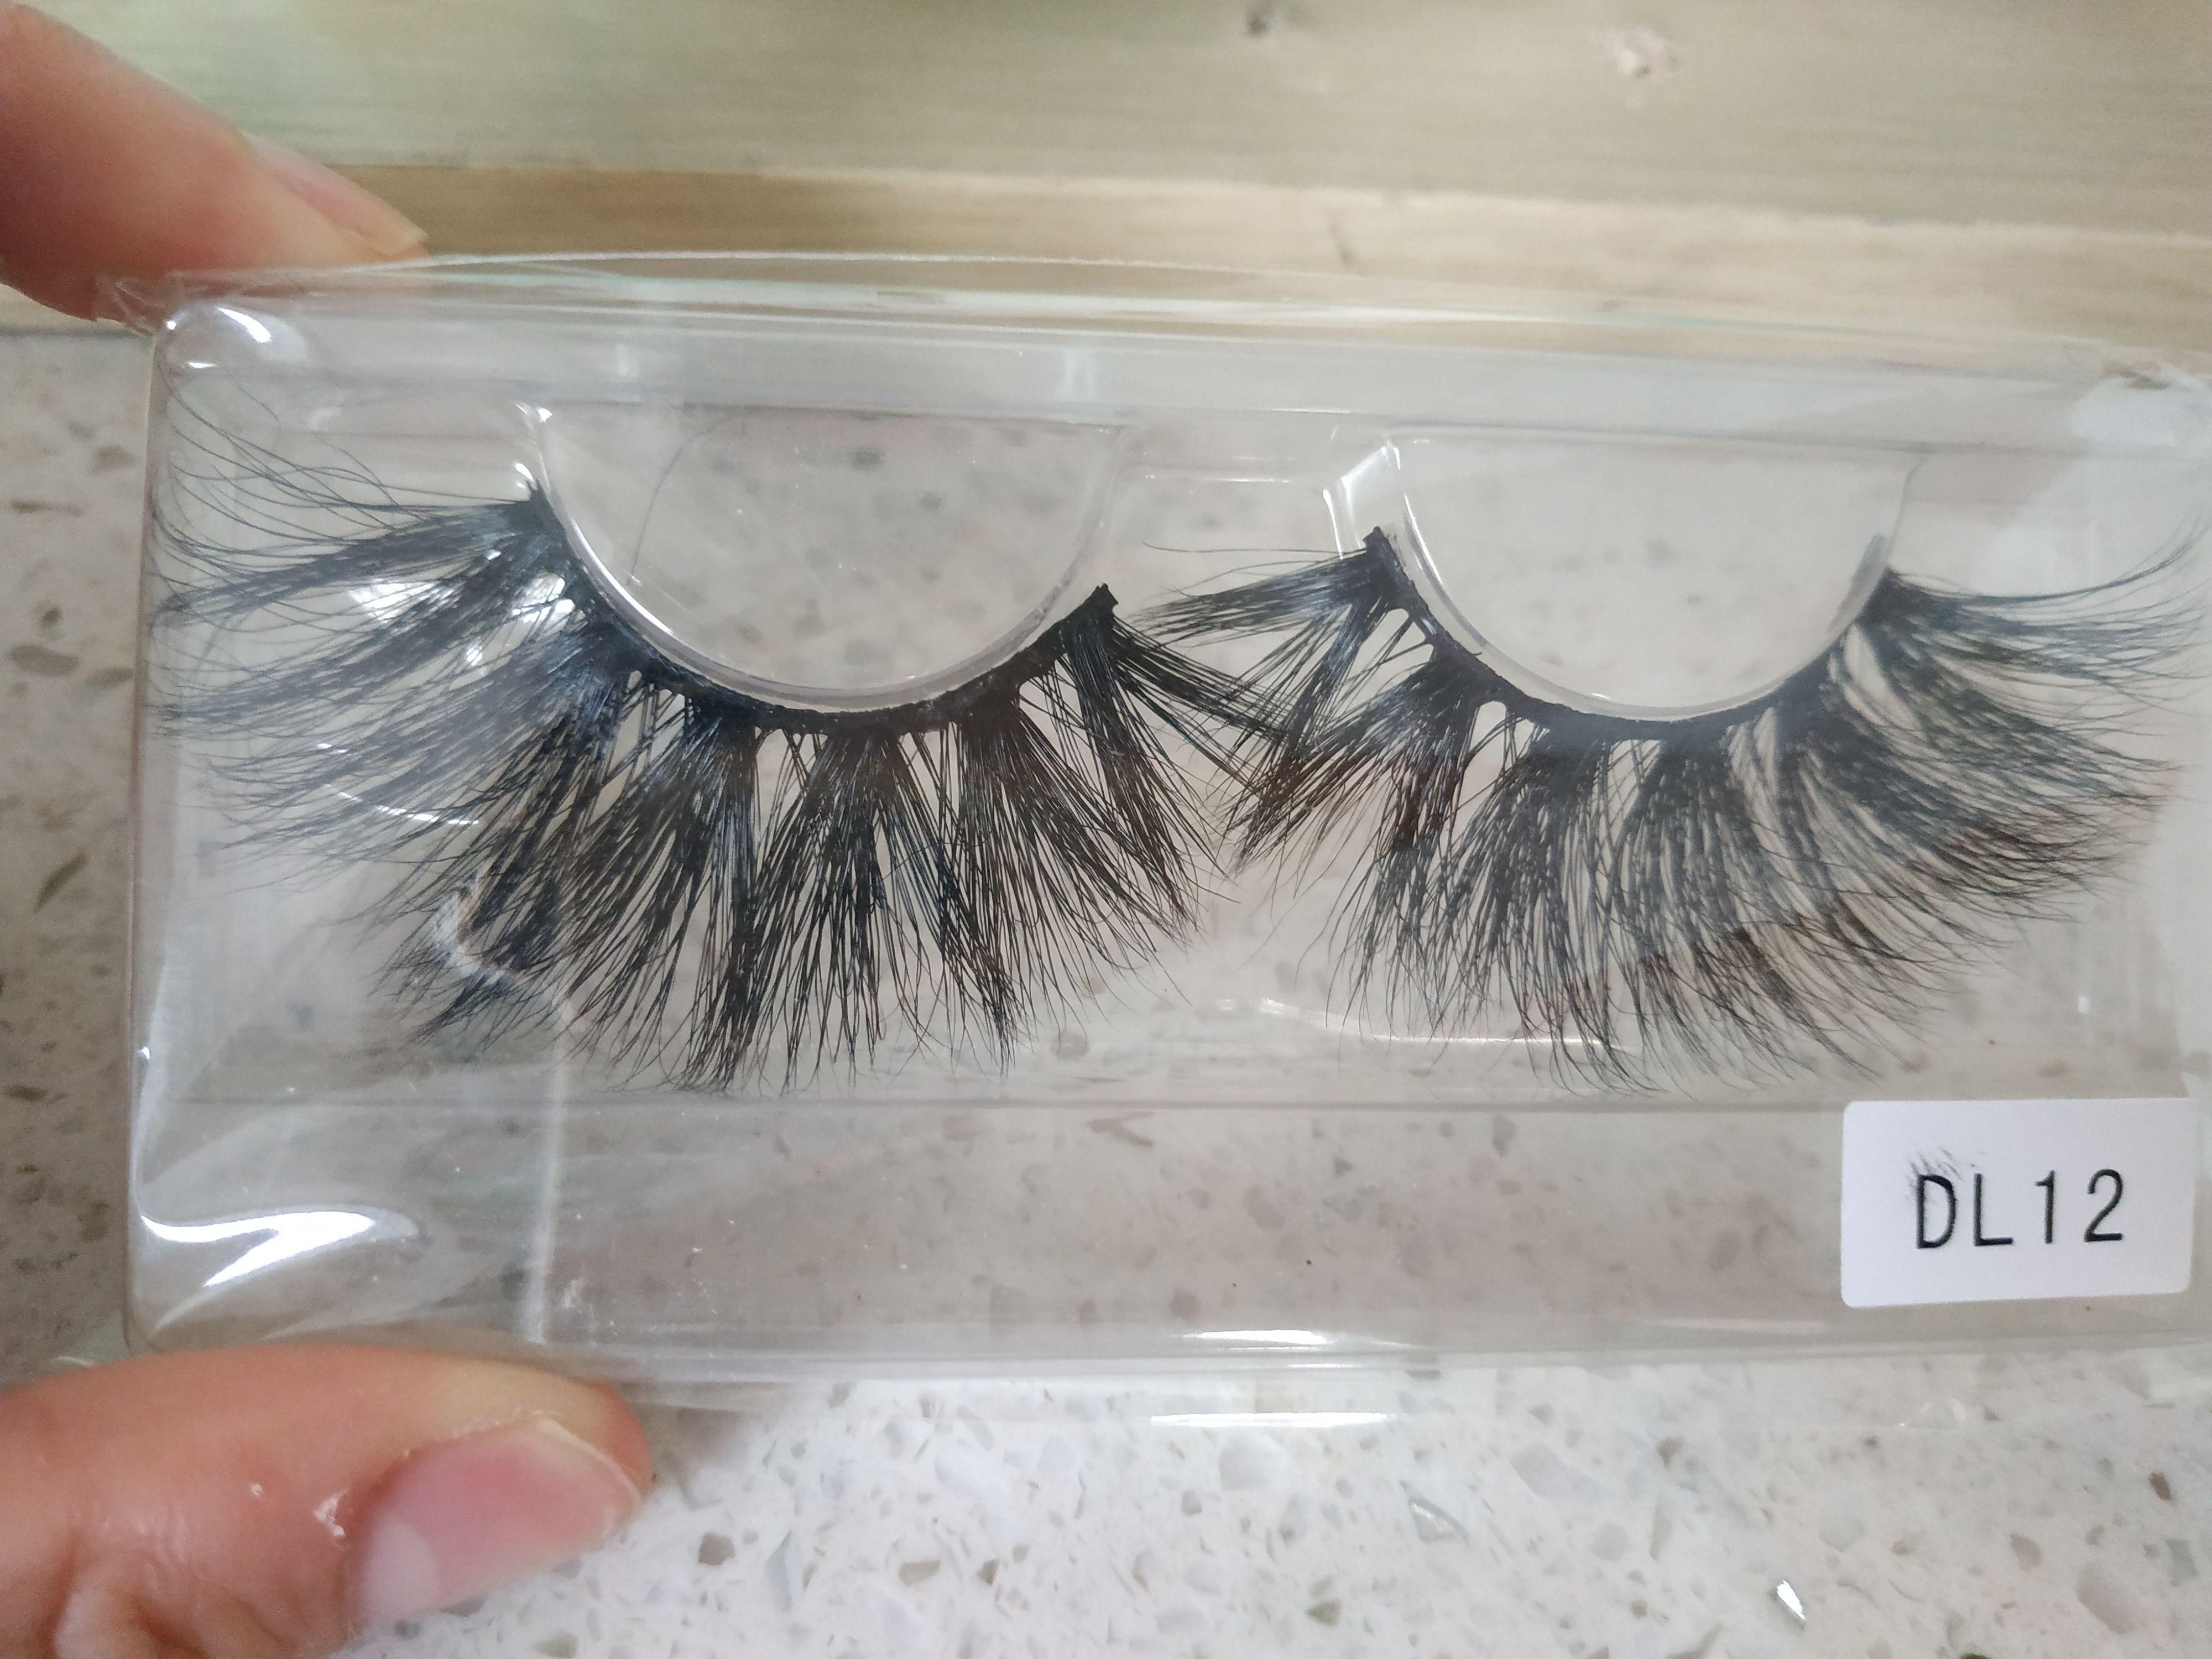 2a1b236e3c1 Pin de coach lashes em 3d faux mink lashes wholesale bulk horse eyelashes  good vendors for mink lashes em 2019